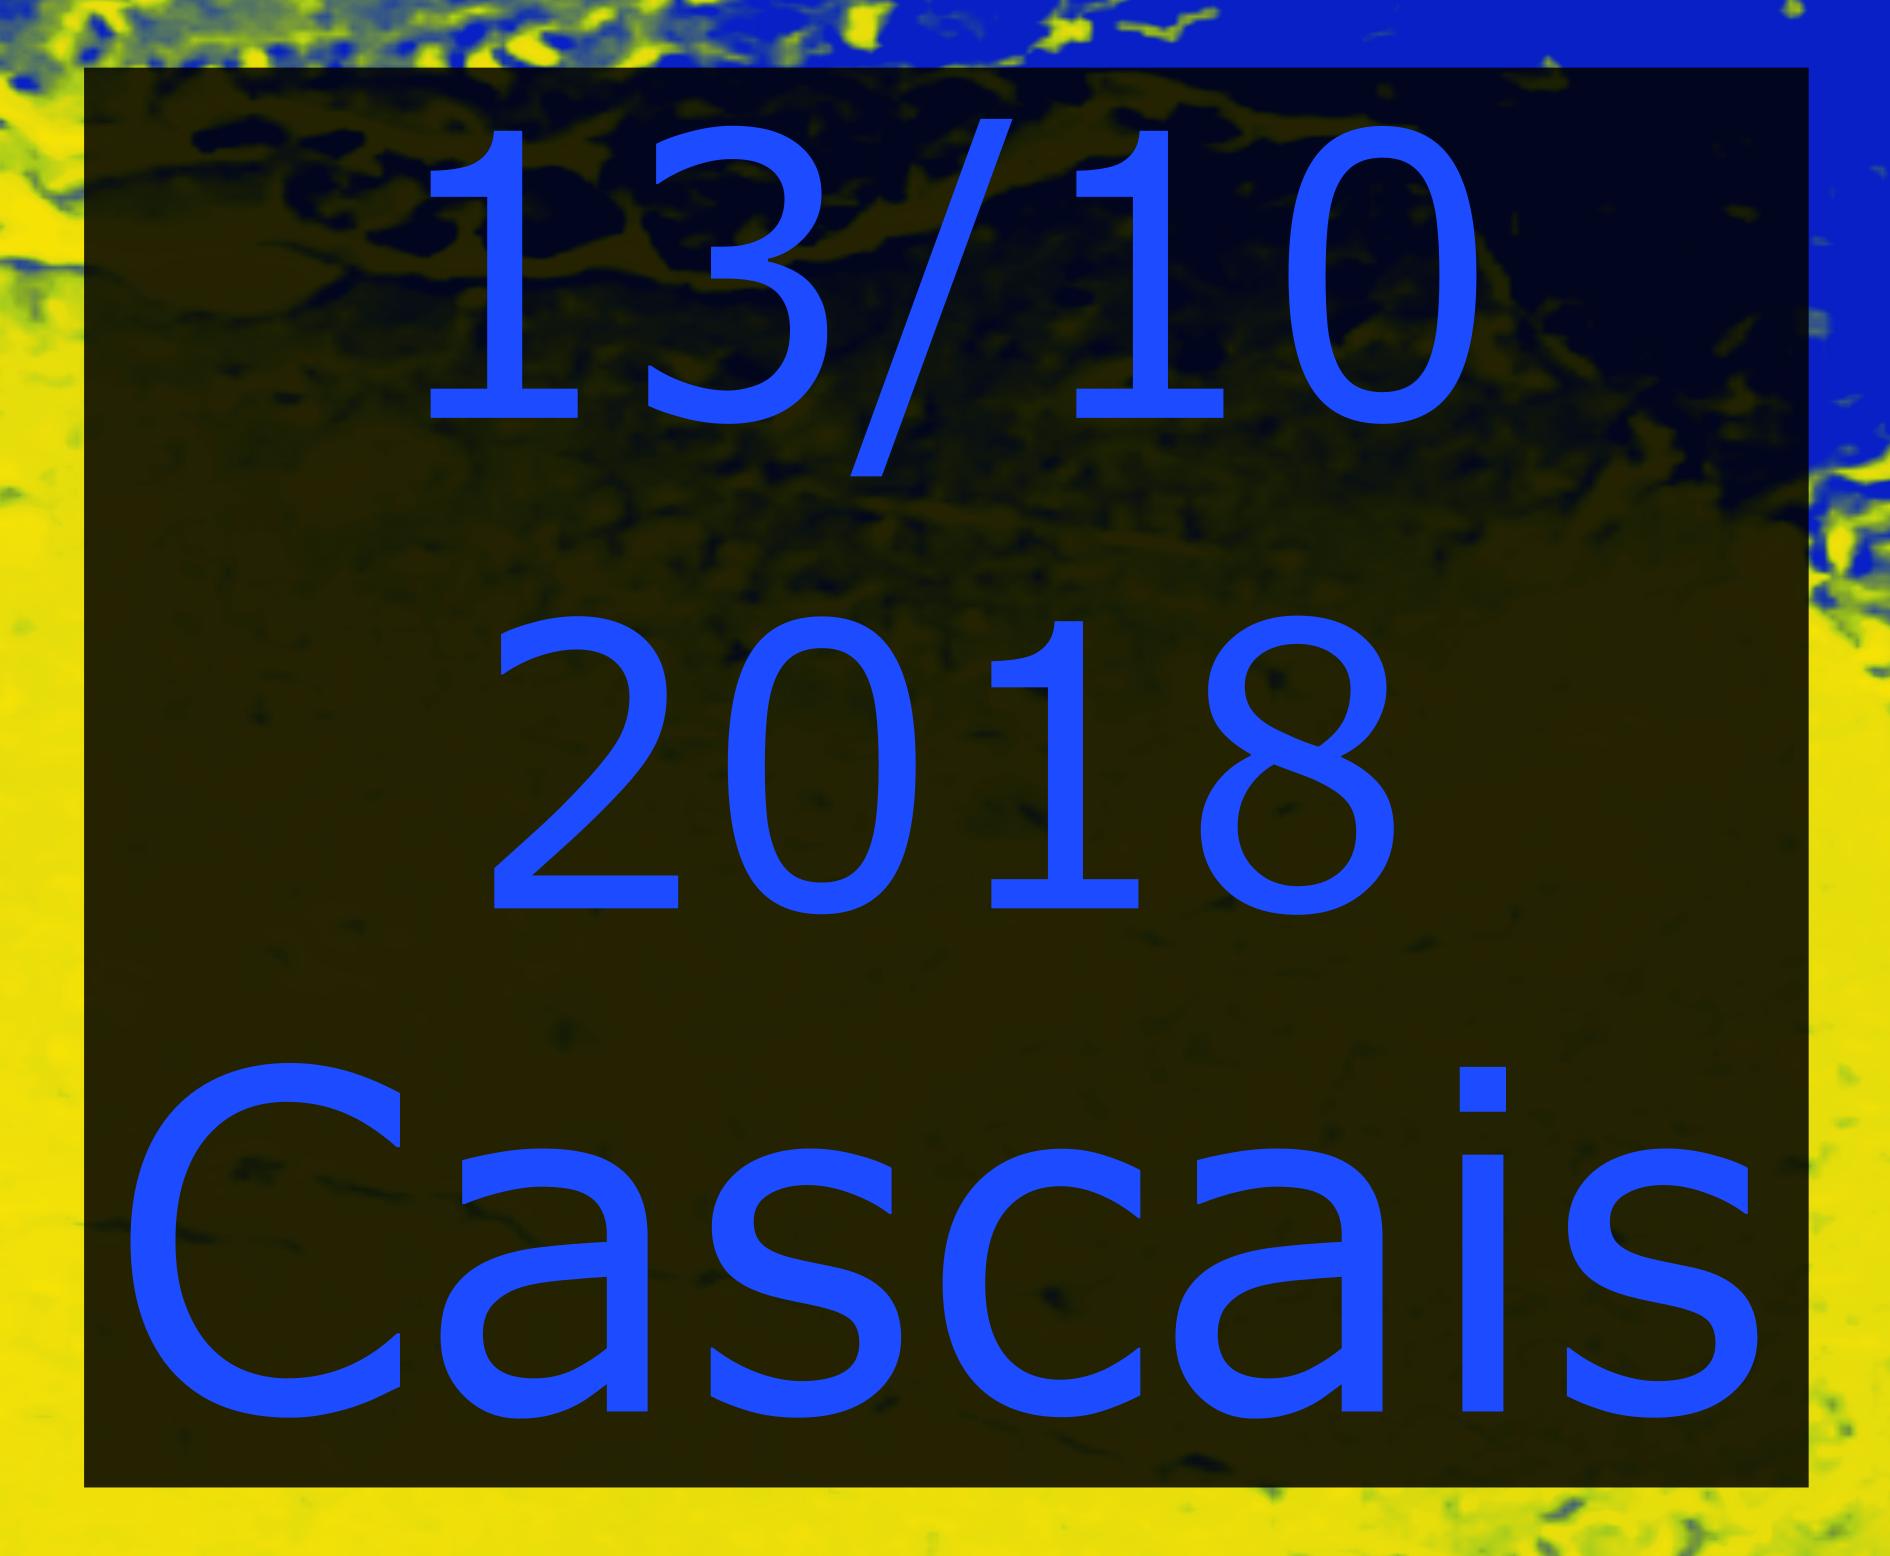 Cascais 13 ottobre 2018